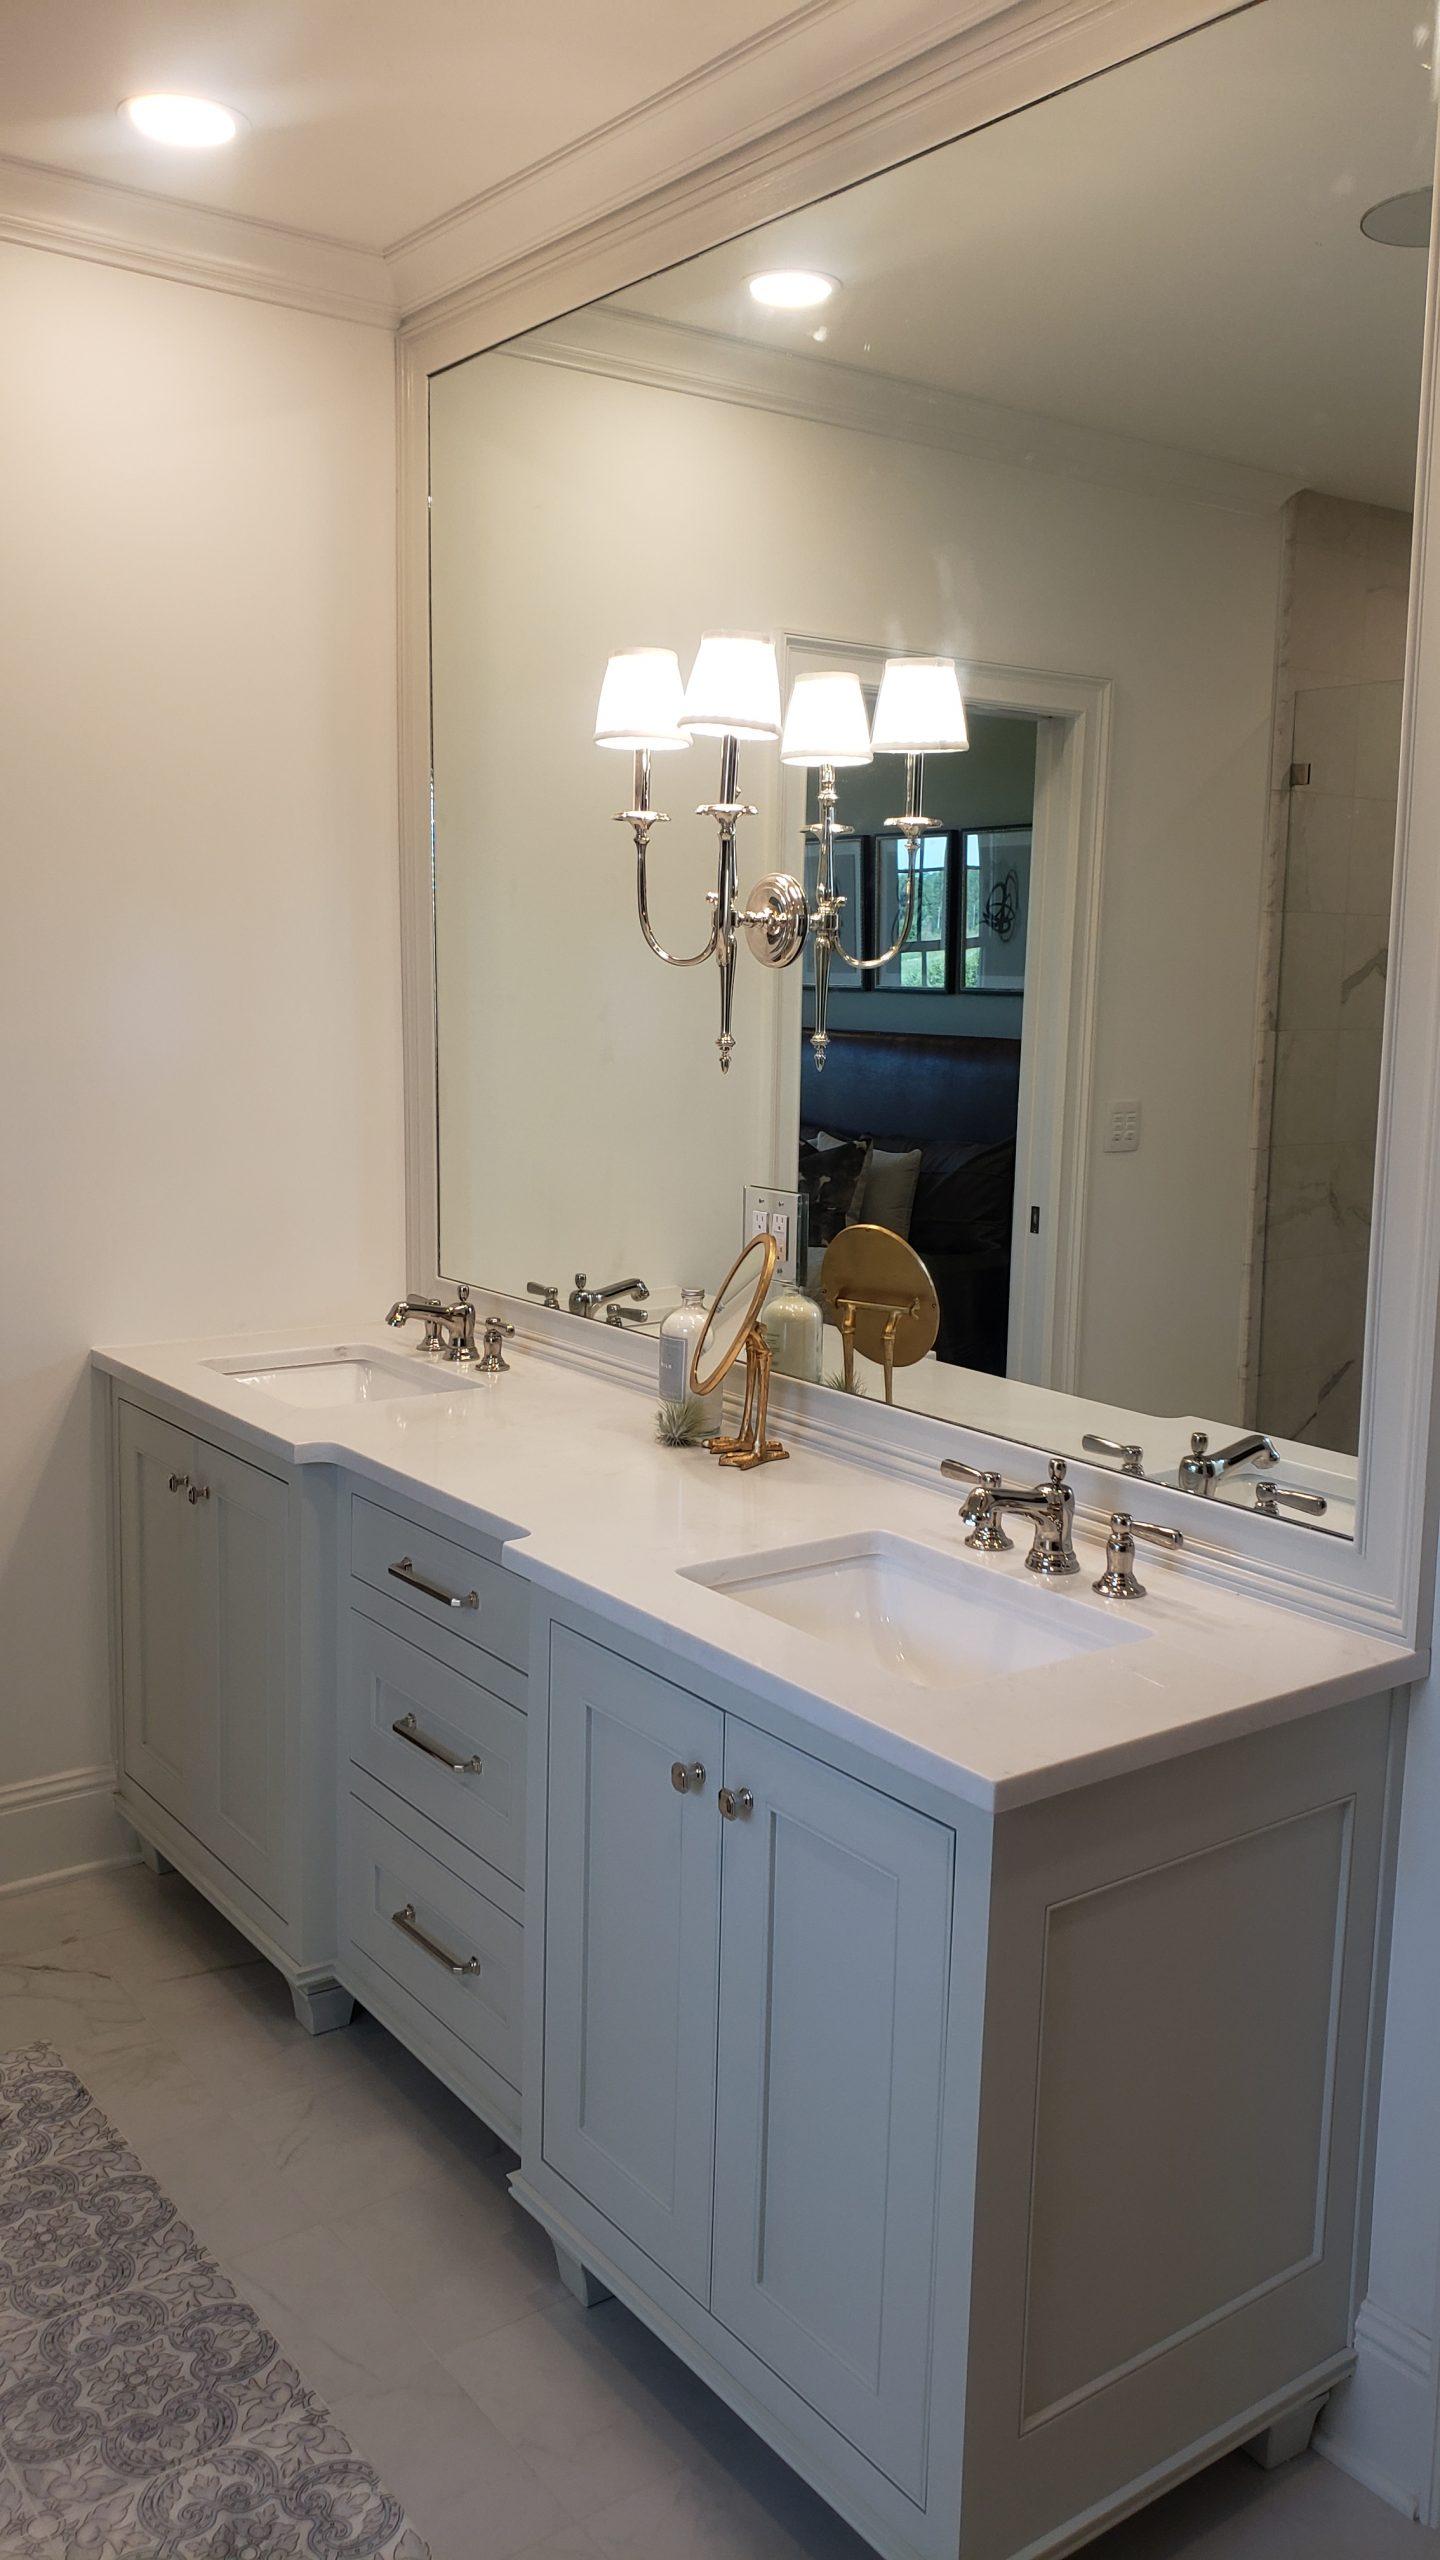 White Quartz Vanity, Granite Concept, KY